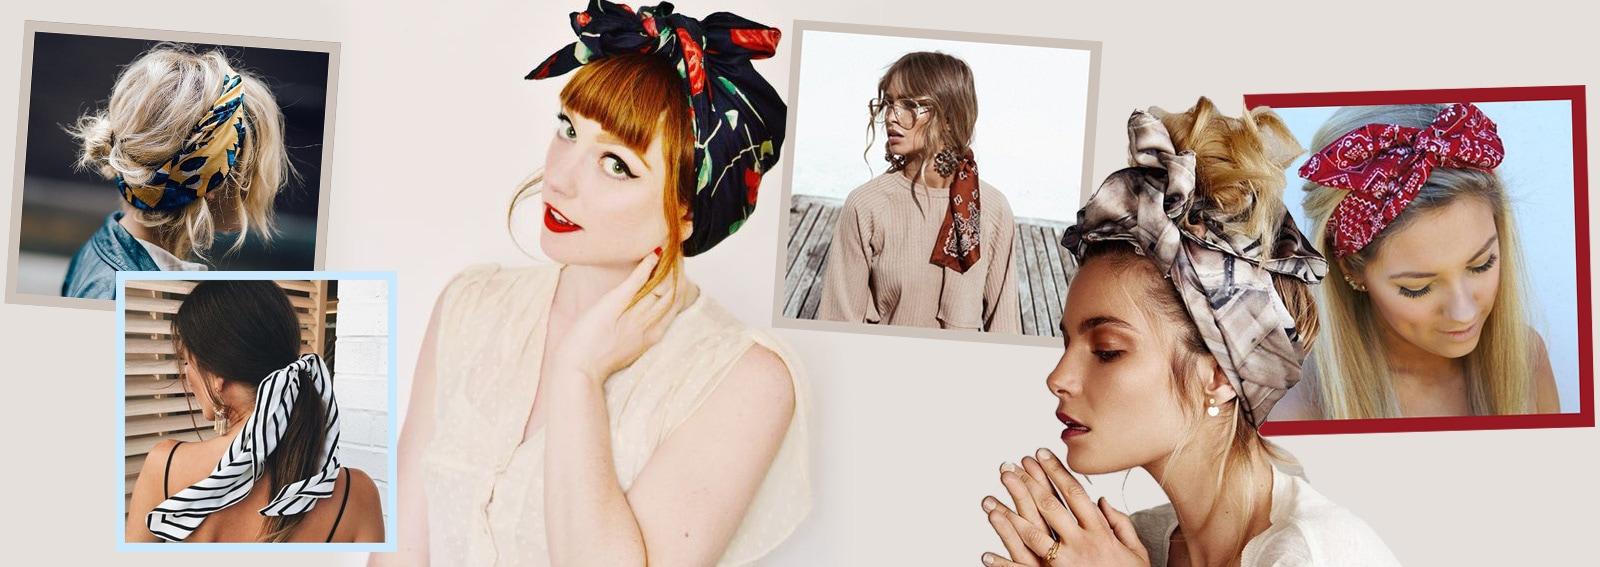 acconciature con foulard cover desktop